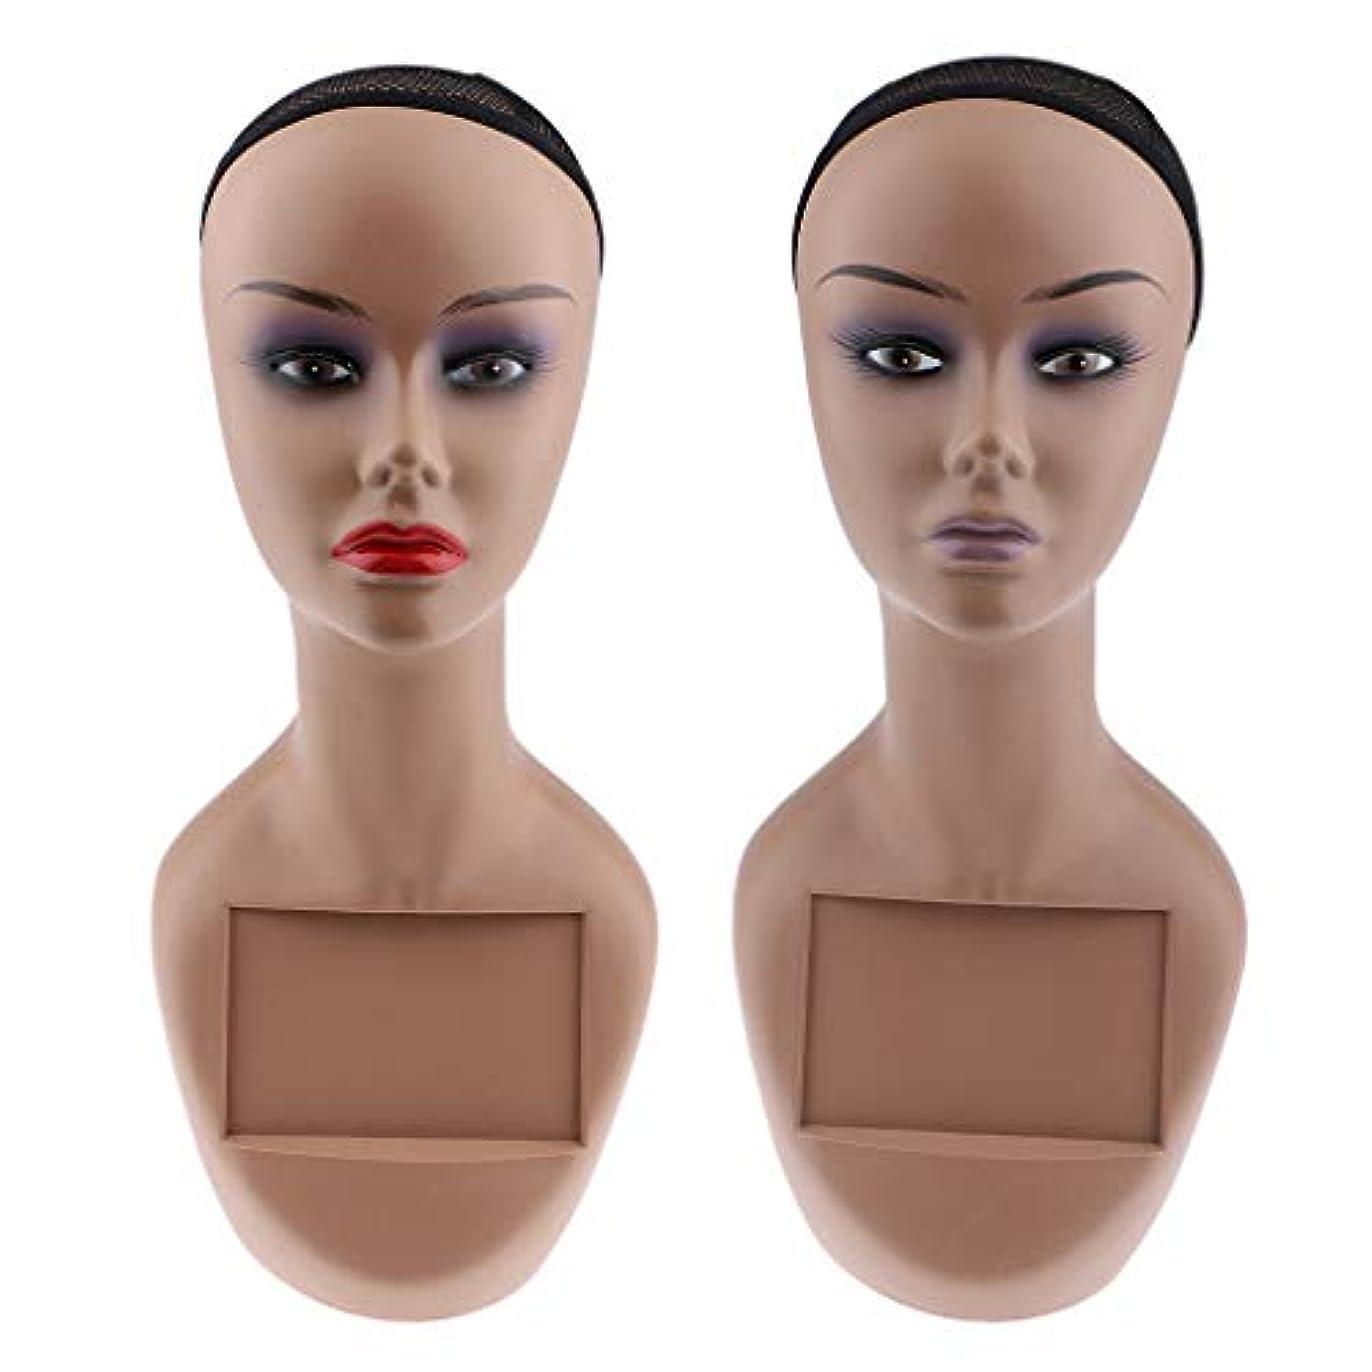 粘着性傑出した香水DYNWAVE ネットキャップ付き 女性用 マネキンヘッド 2個入り